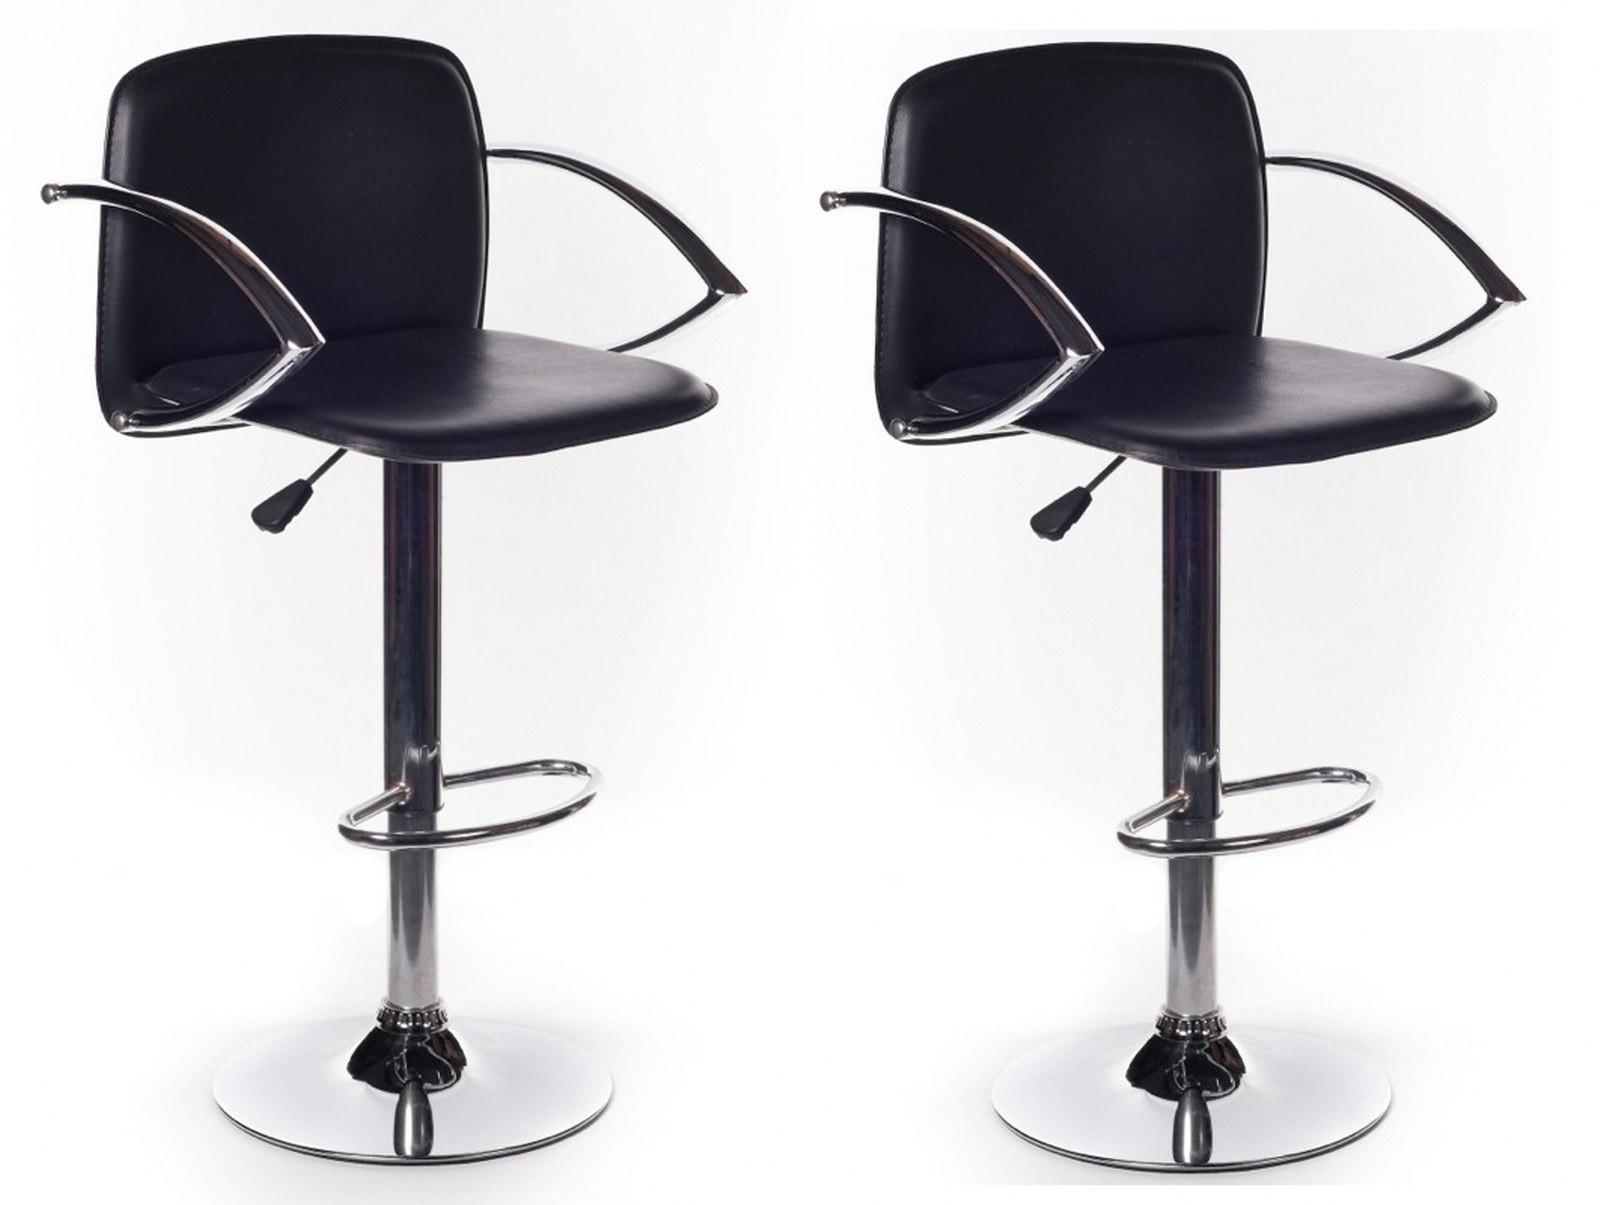 Sgabelli sgabello sedia sedie seduta regolabile in eco pelle neri